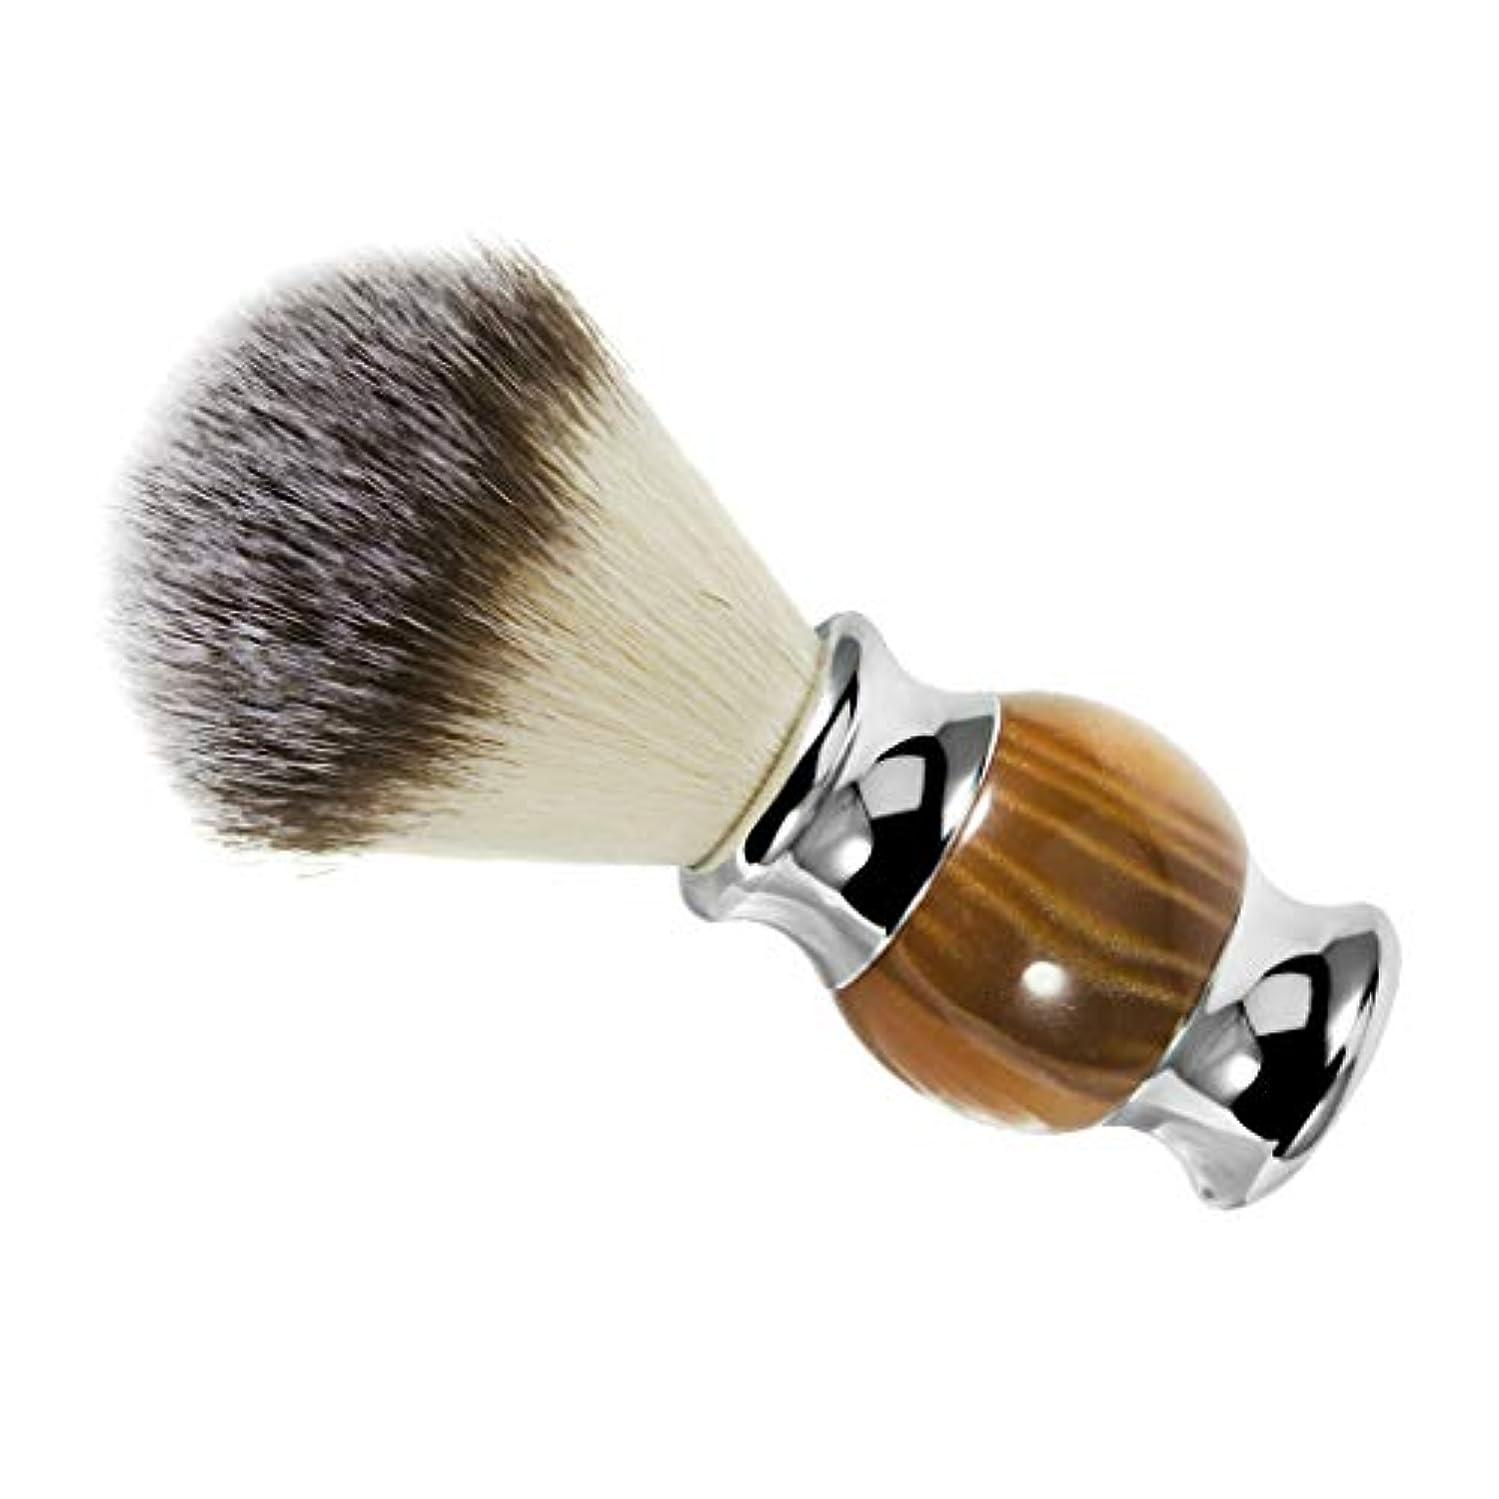 パッケージ血蜜シェービングブラシ ひげ剃りブラシ 口ひげブラシ 理髪サロン 髭剃り ひげ剃り 泡立ち